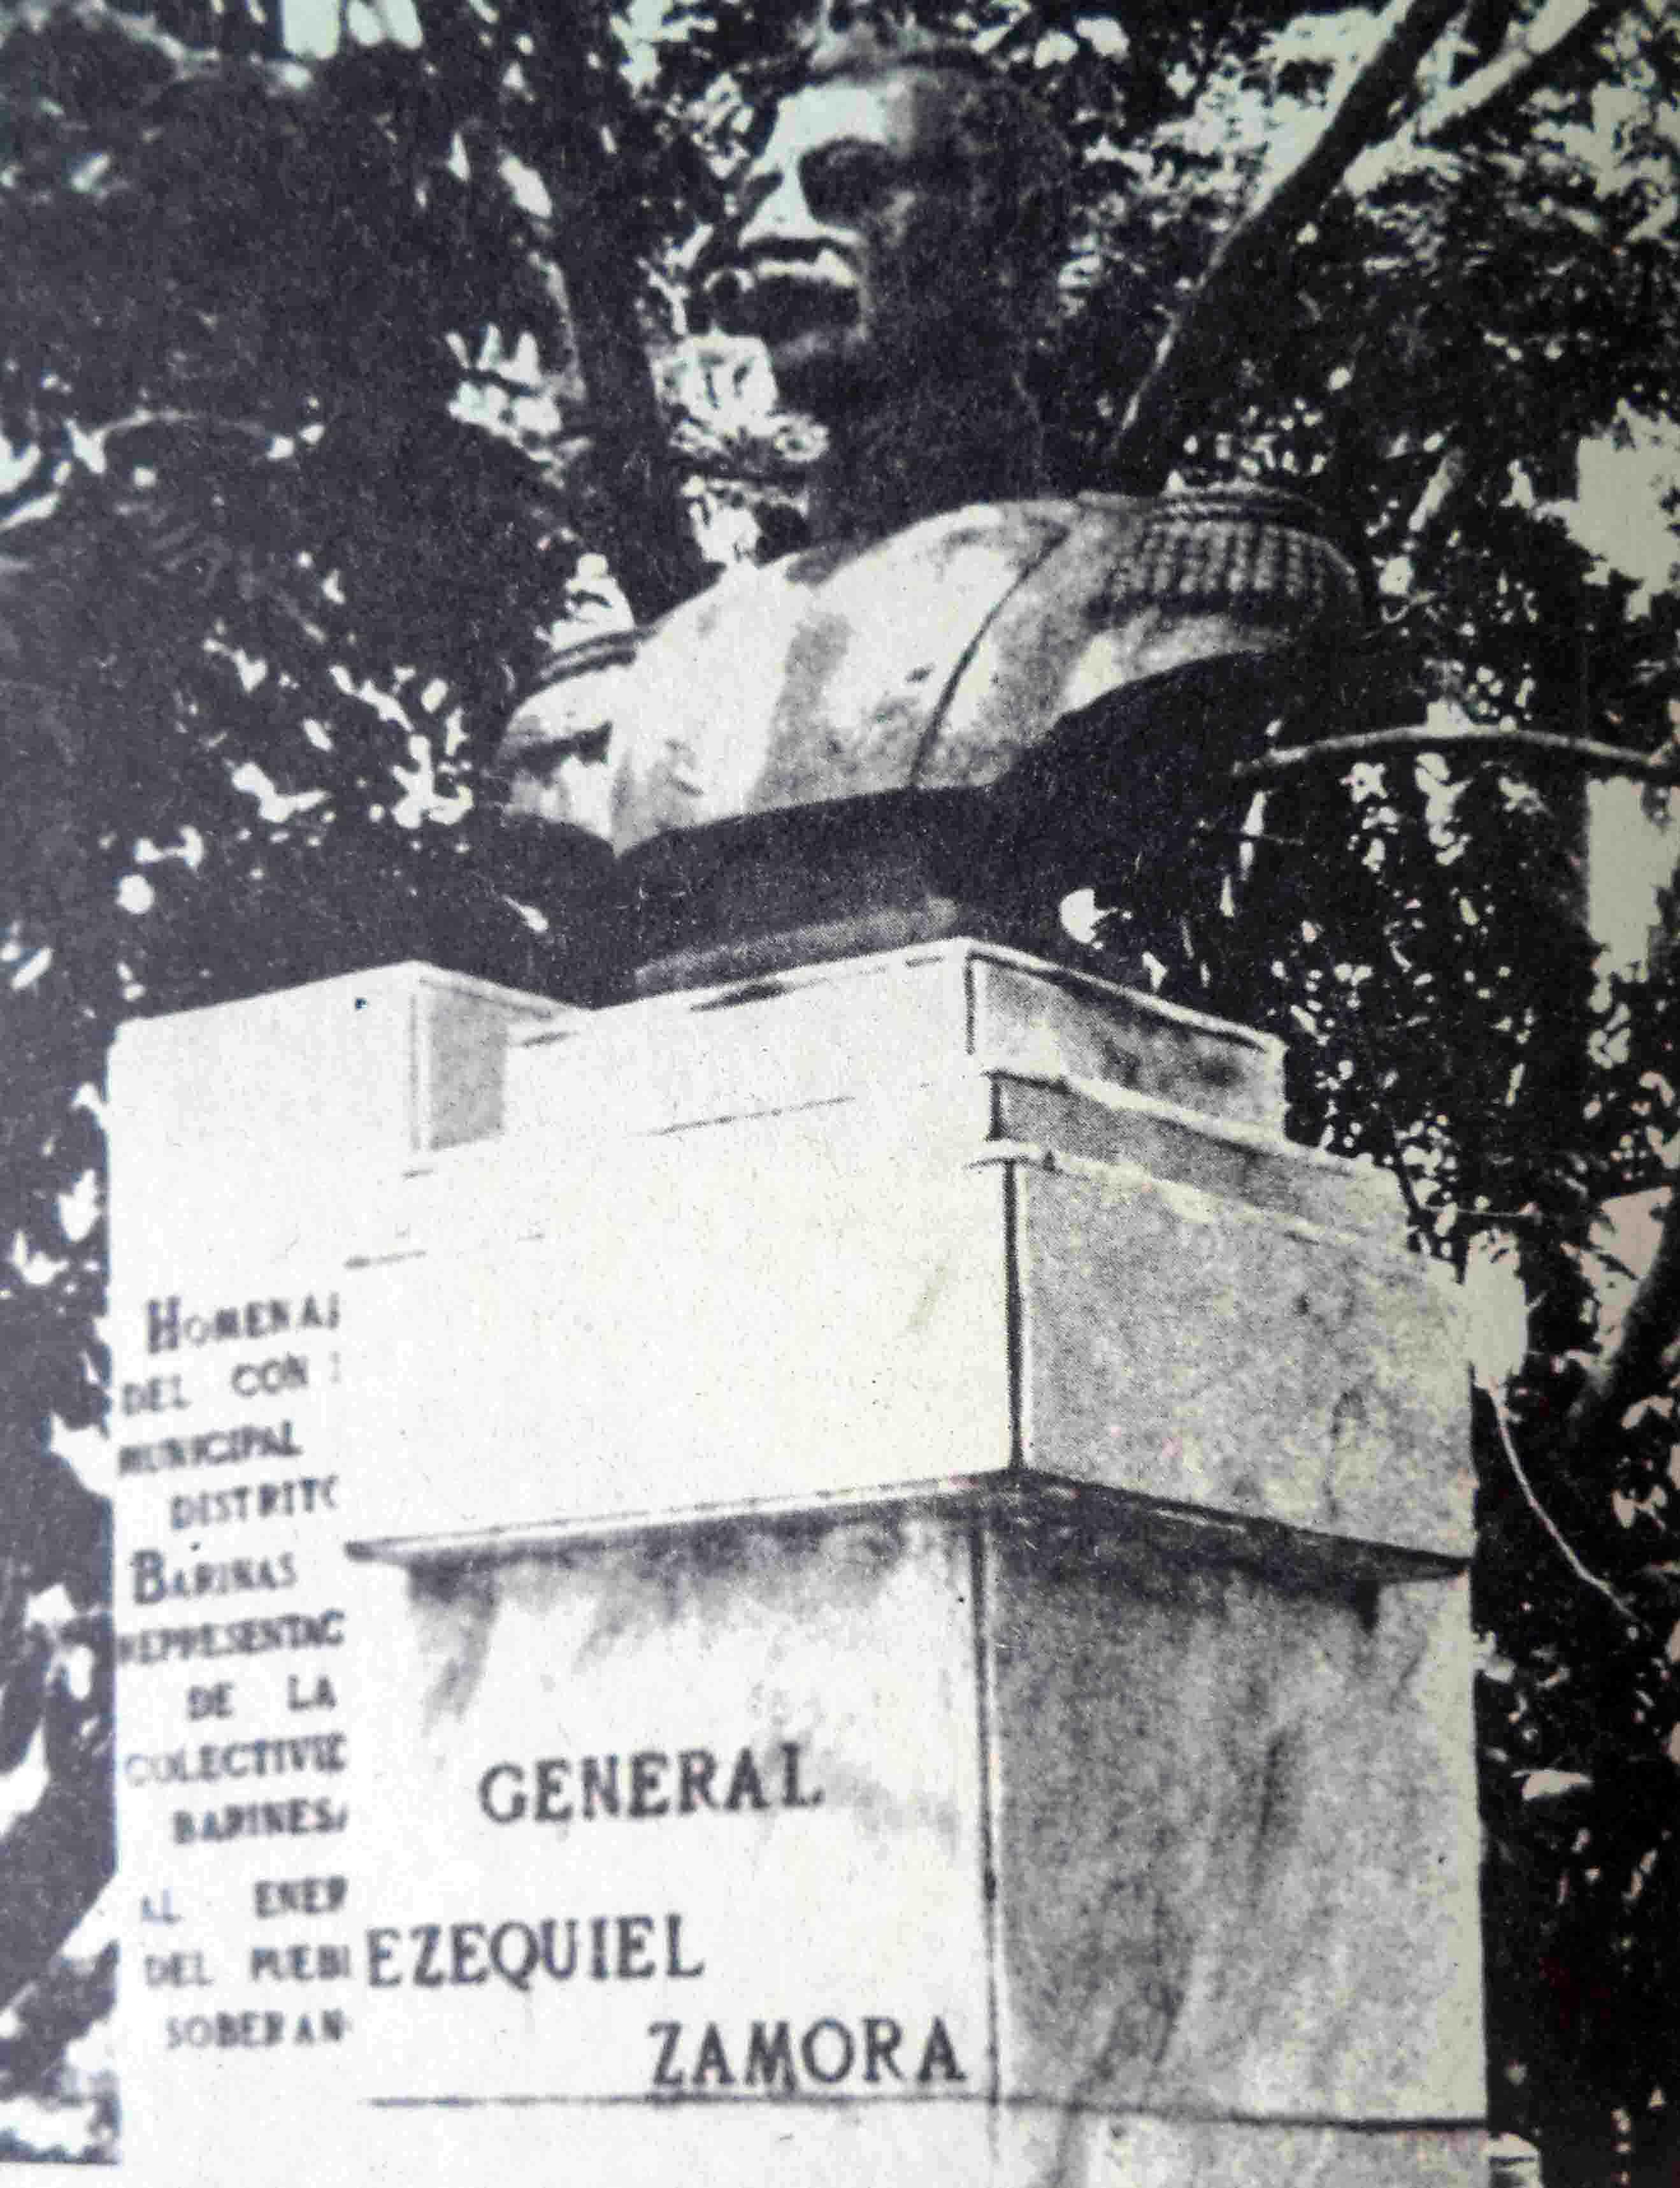 Busto de Ezequiel Zamora. Dig. Samuel Hurtado Camargo.